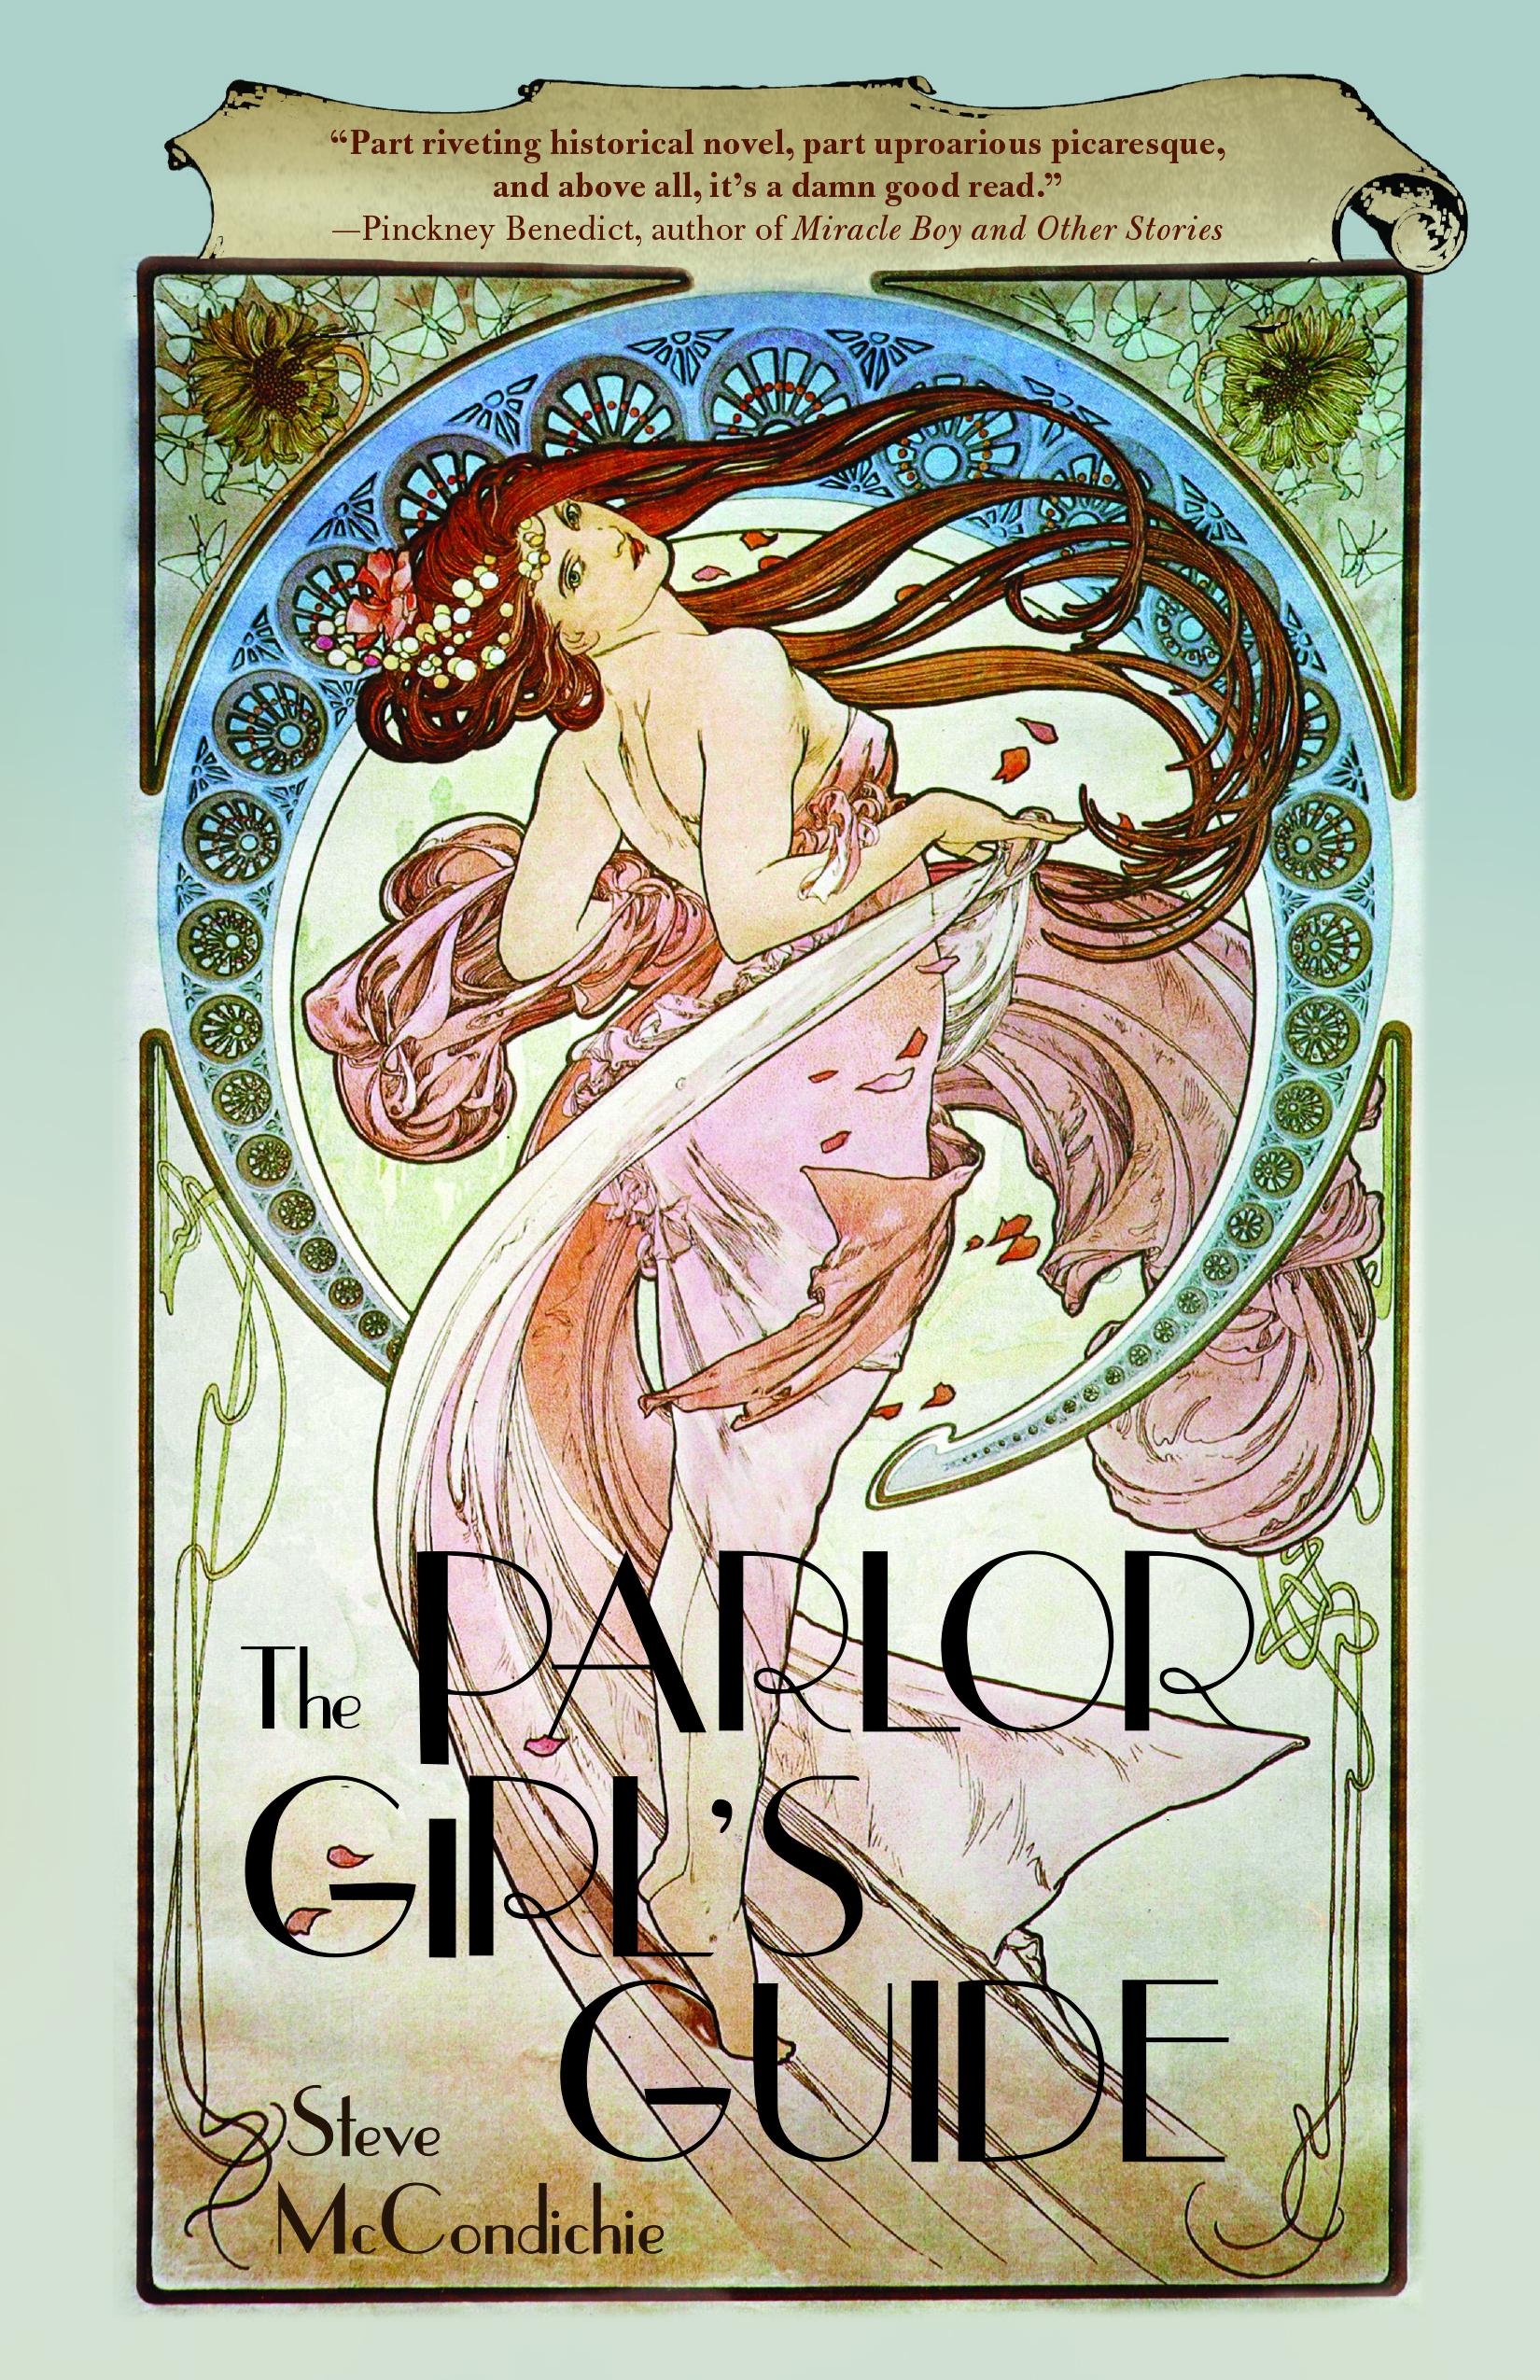 parlorgirlsguide-fullcover-final.jpeg